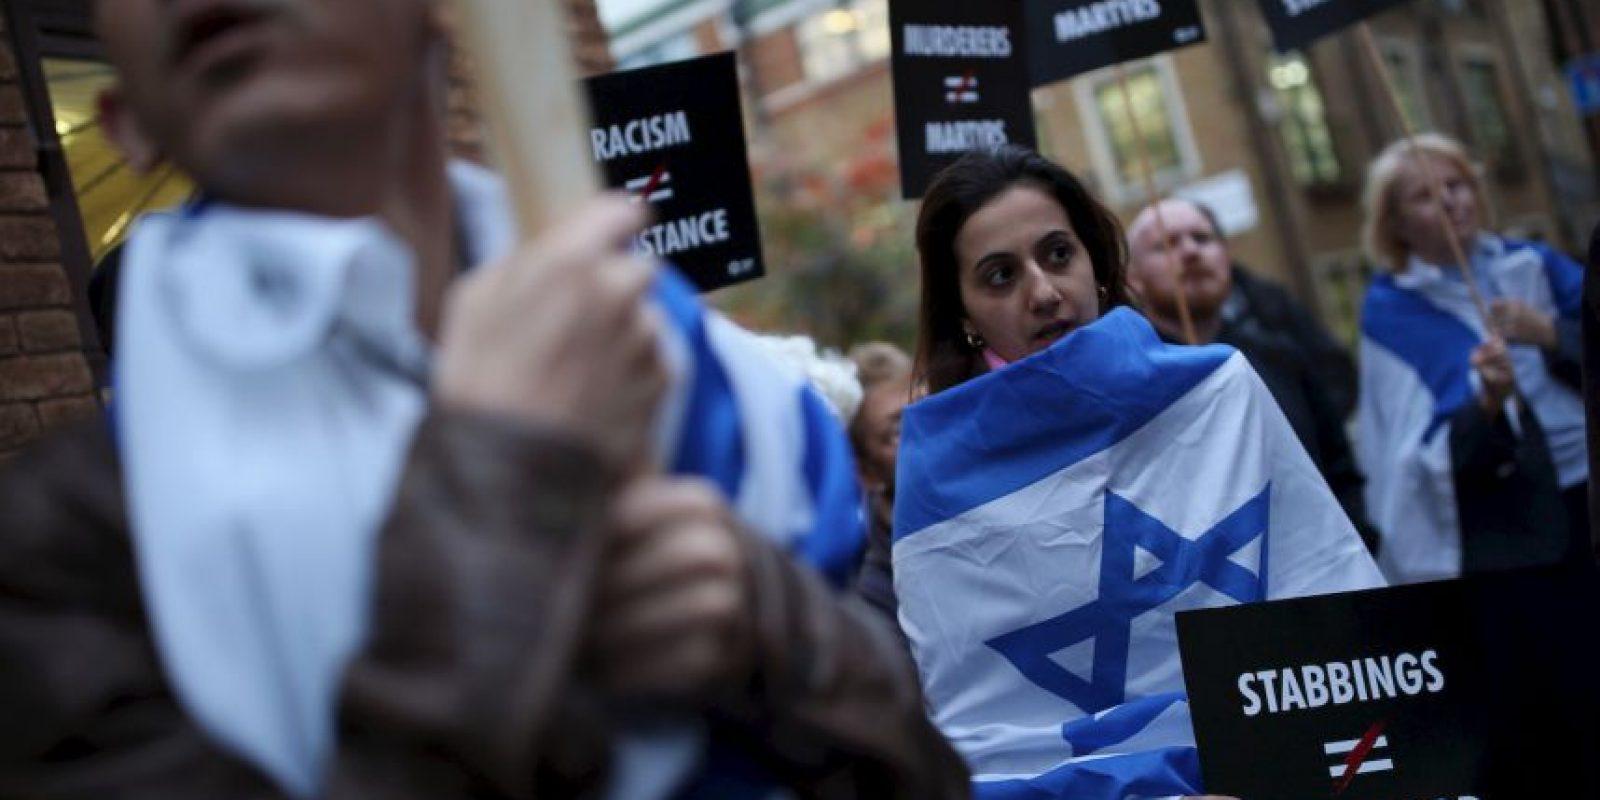 6. La nueva ola de violencia ha alarmado a los israelíes, quienes toman medidas de seguridad para protegerse, como no salir a la calle y viajar en transporte privado. Foto:Getty Images